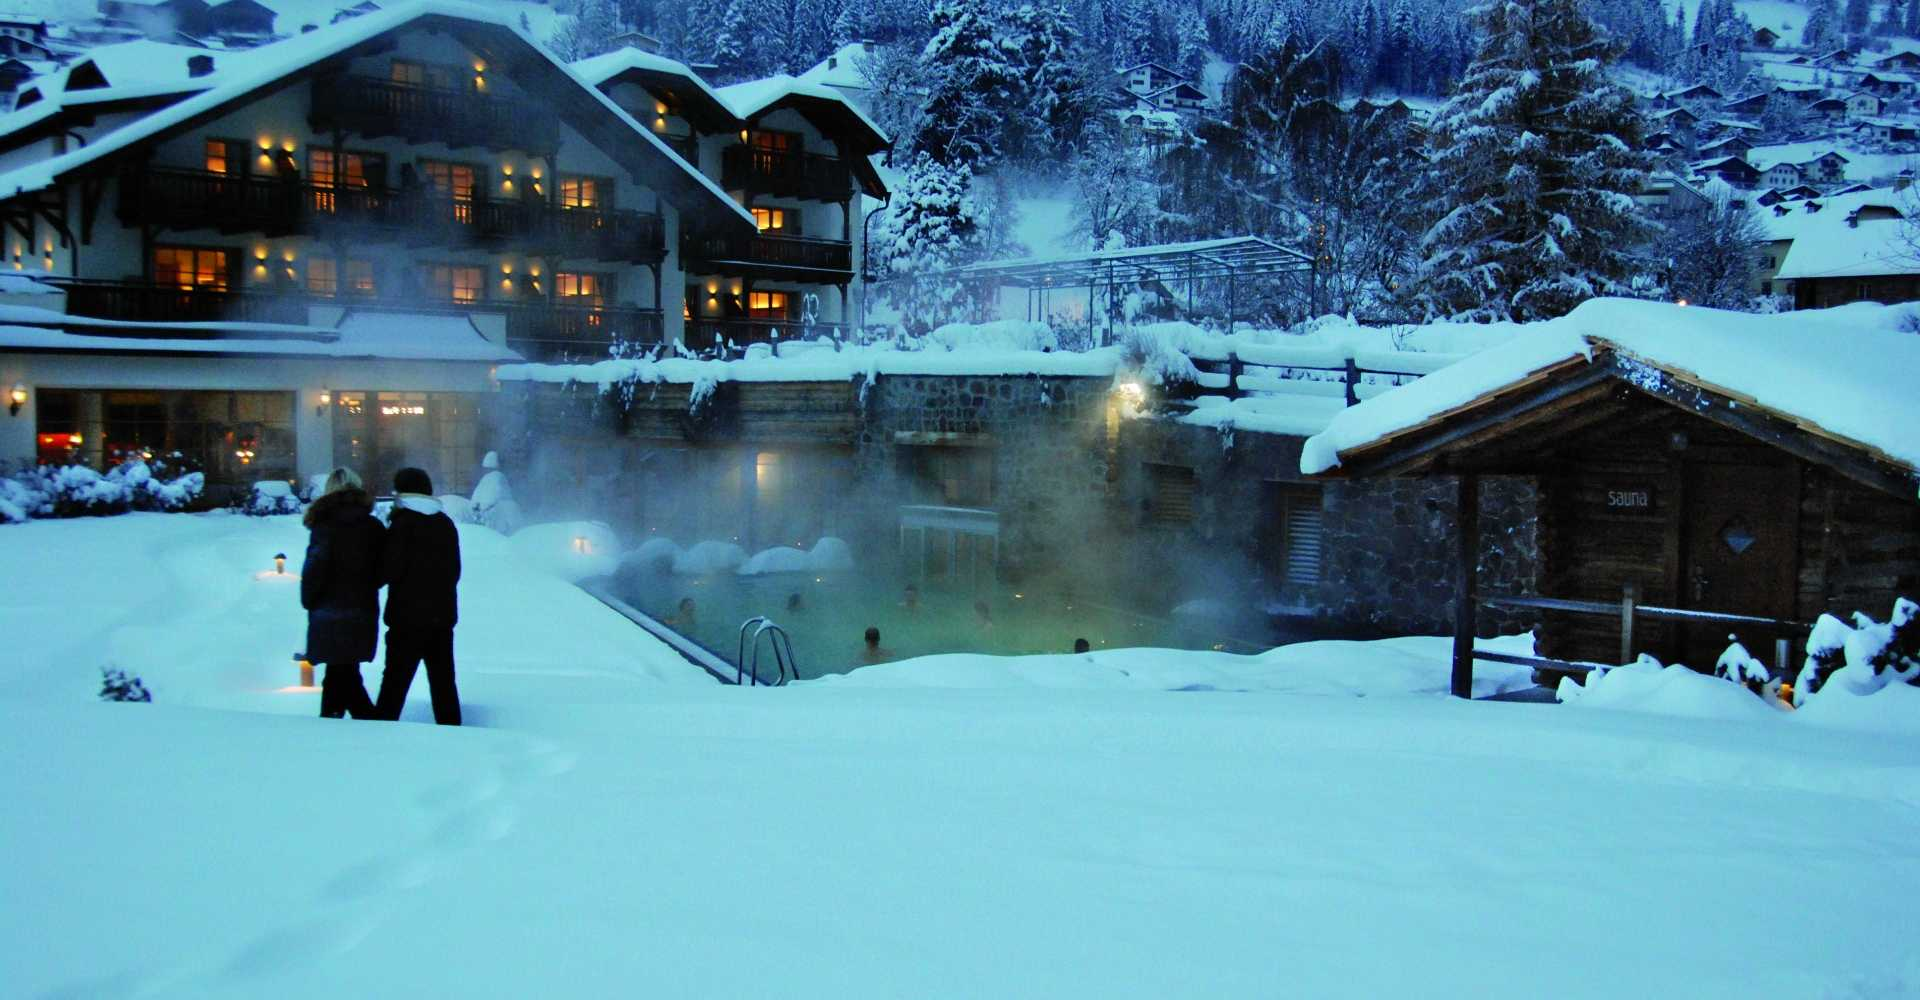 Soggiorni Benessere Inverno da € 125,00 ⊶ Ortisei - Val Gardena ...